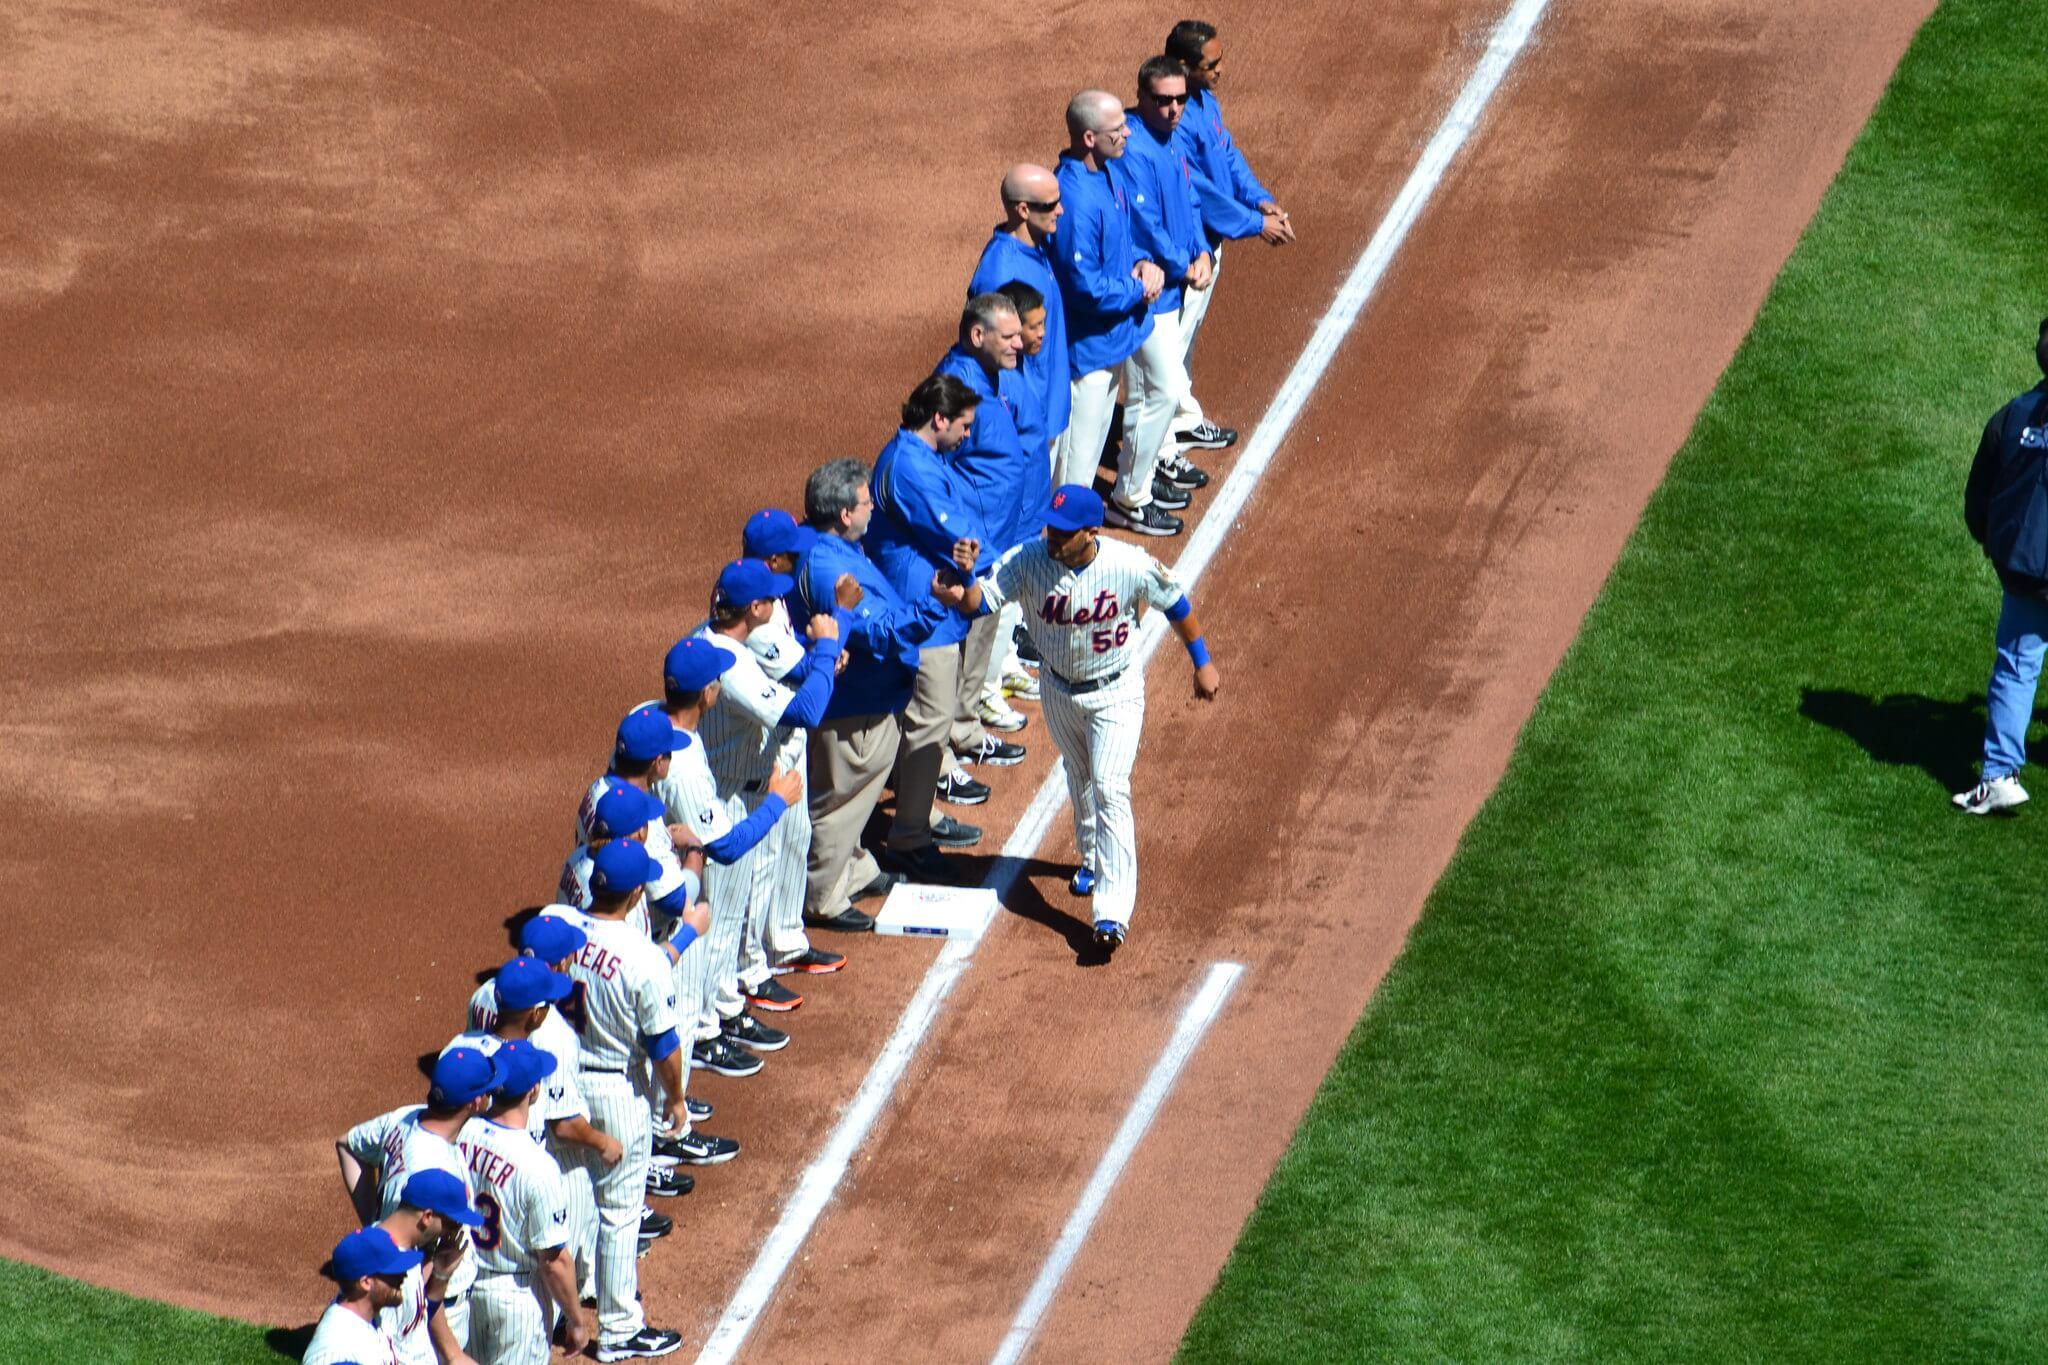 Mets baseball players